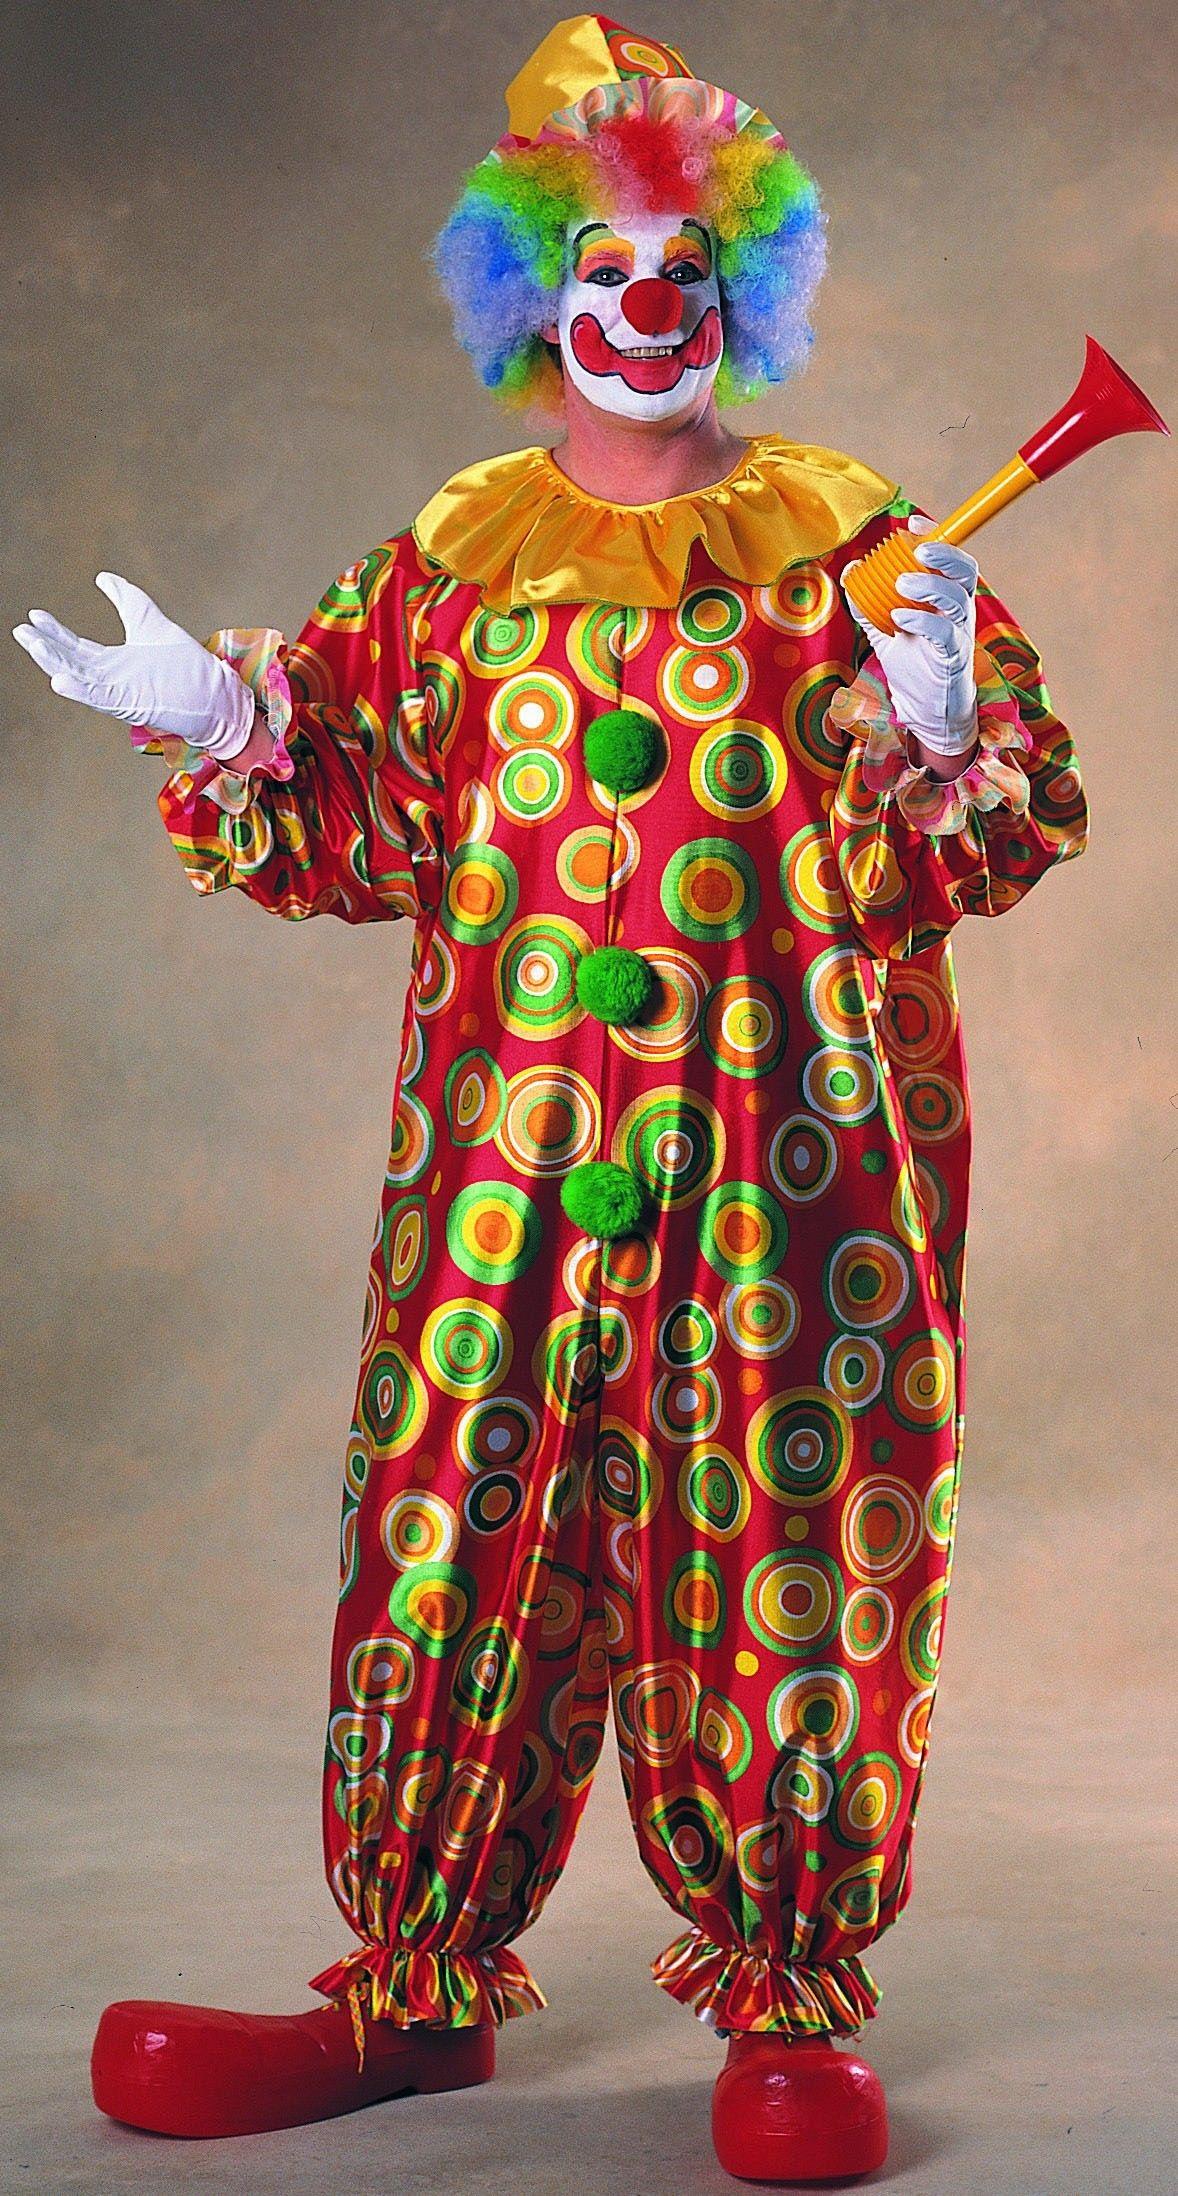 Pin By Killian M On Personaggi Da Circo Clowns